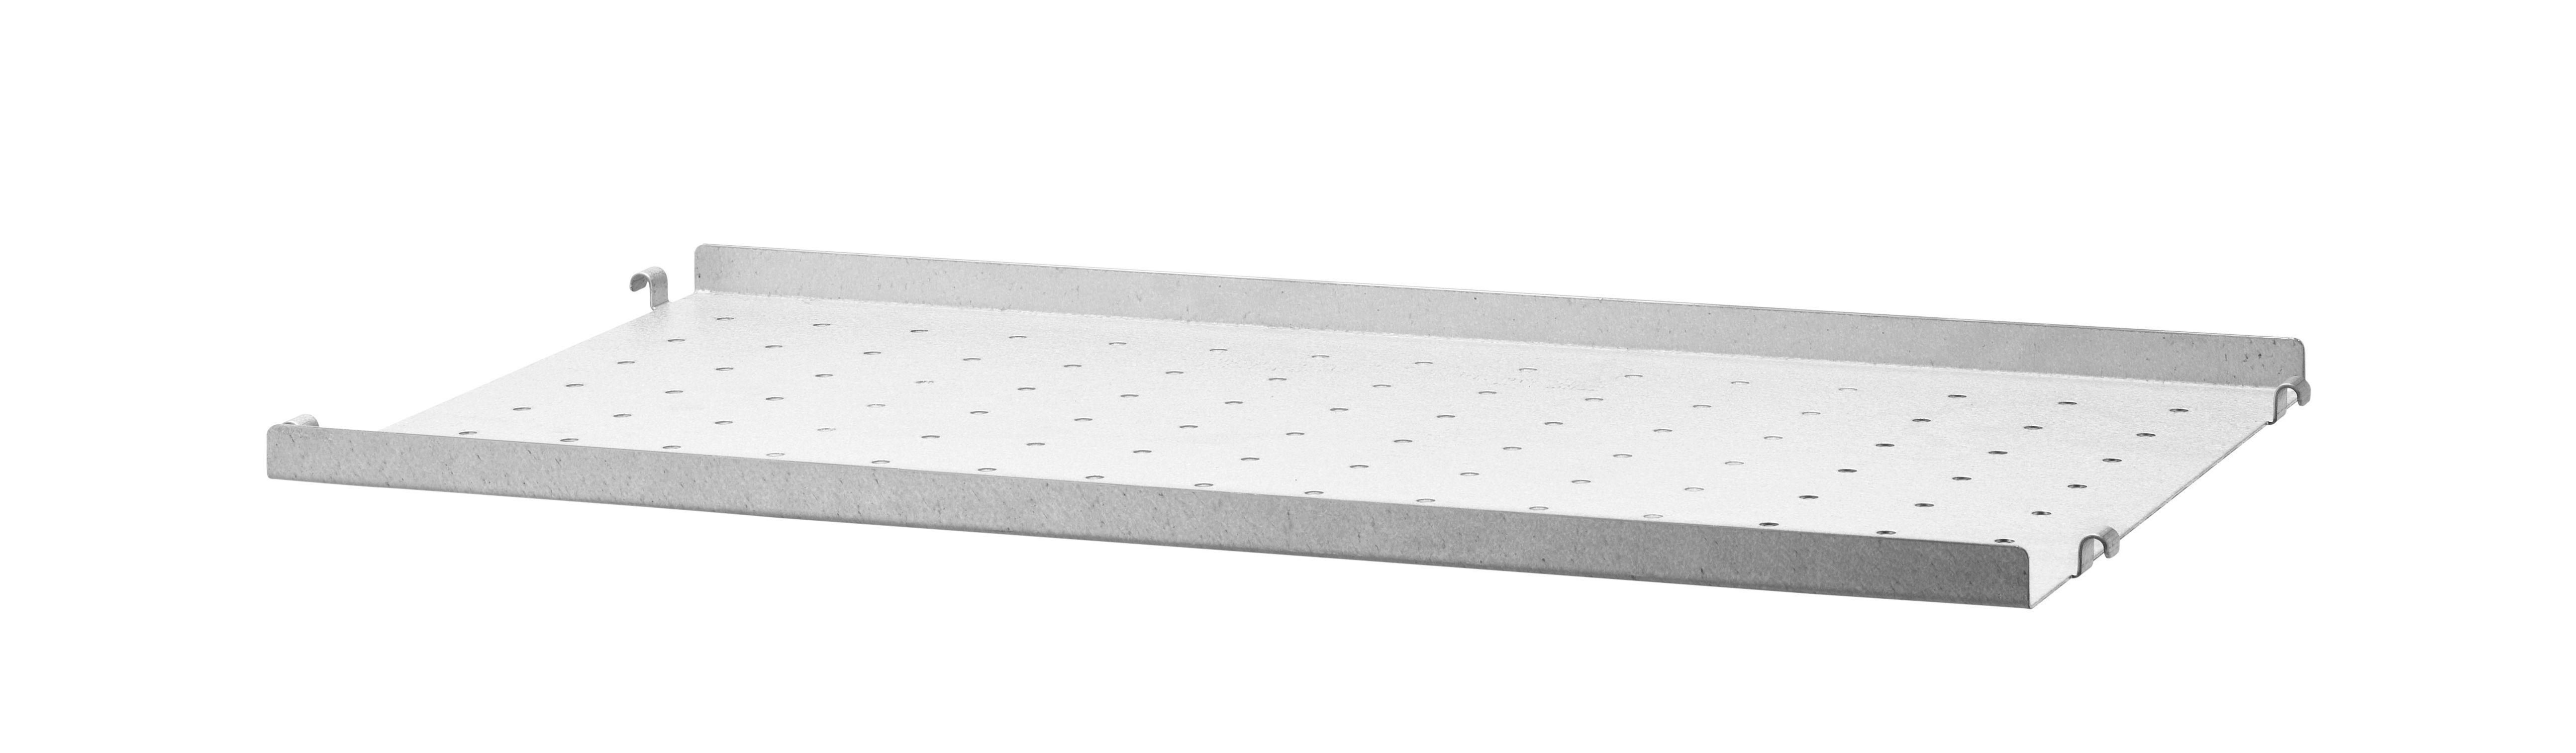 Arredamento - Scaffali e librerie - Scaffale String Outdoor - / Acciaio zincato traforato - Bordo basso - 58 x P 30 cm di String Furniture - Bordo basso / Zincato - Aluzinc